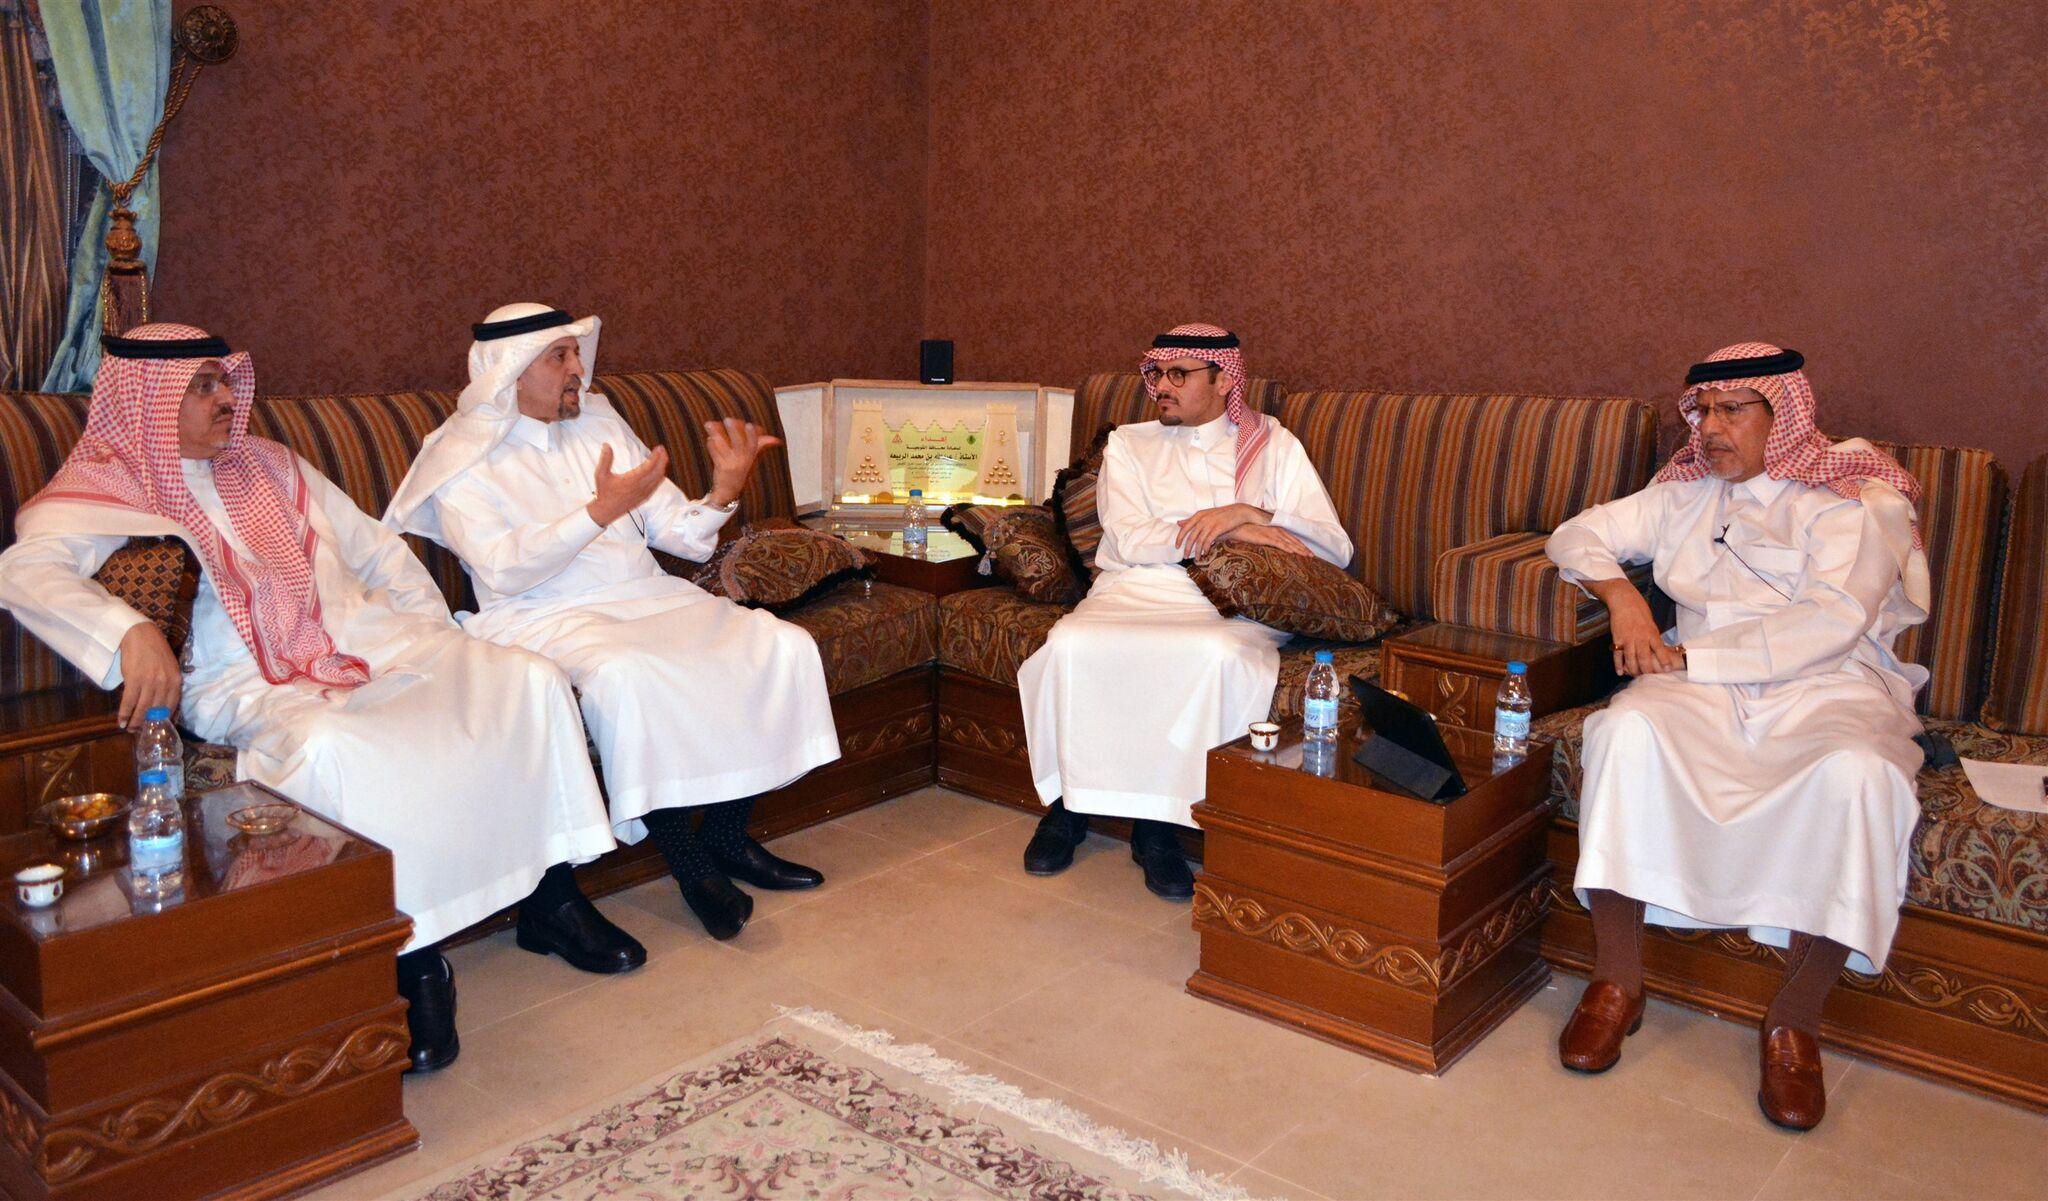 التنمية المستدامة في المملكة السعودية دور الزراعة في تنمية الأرياف ومحاربة الفقر coobra.net